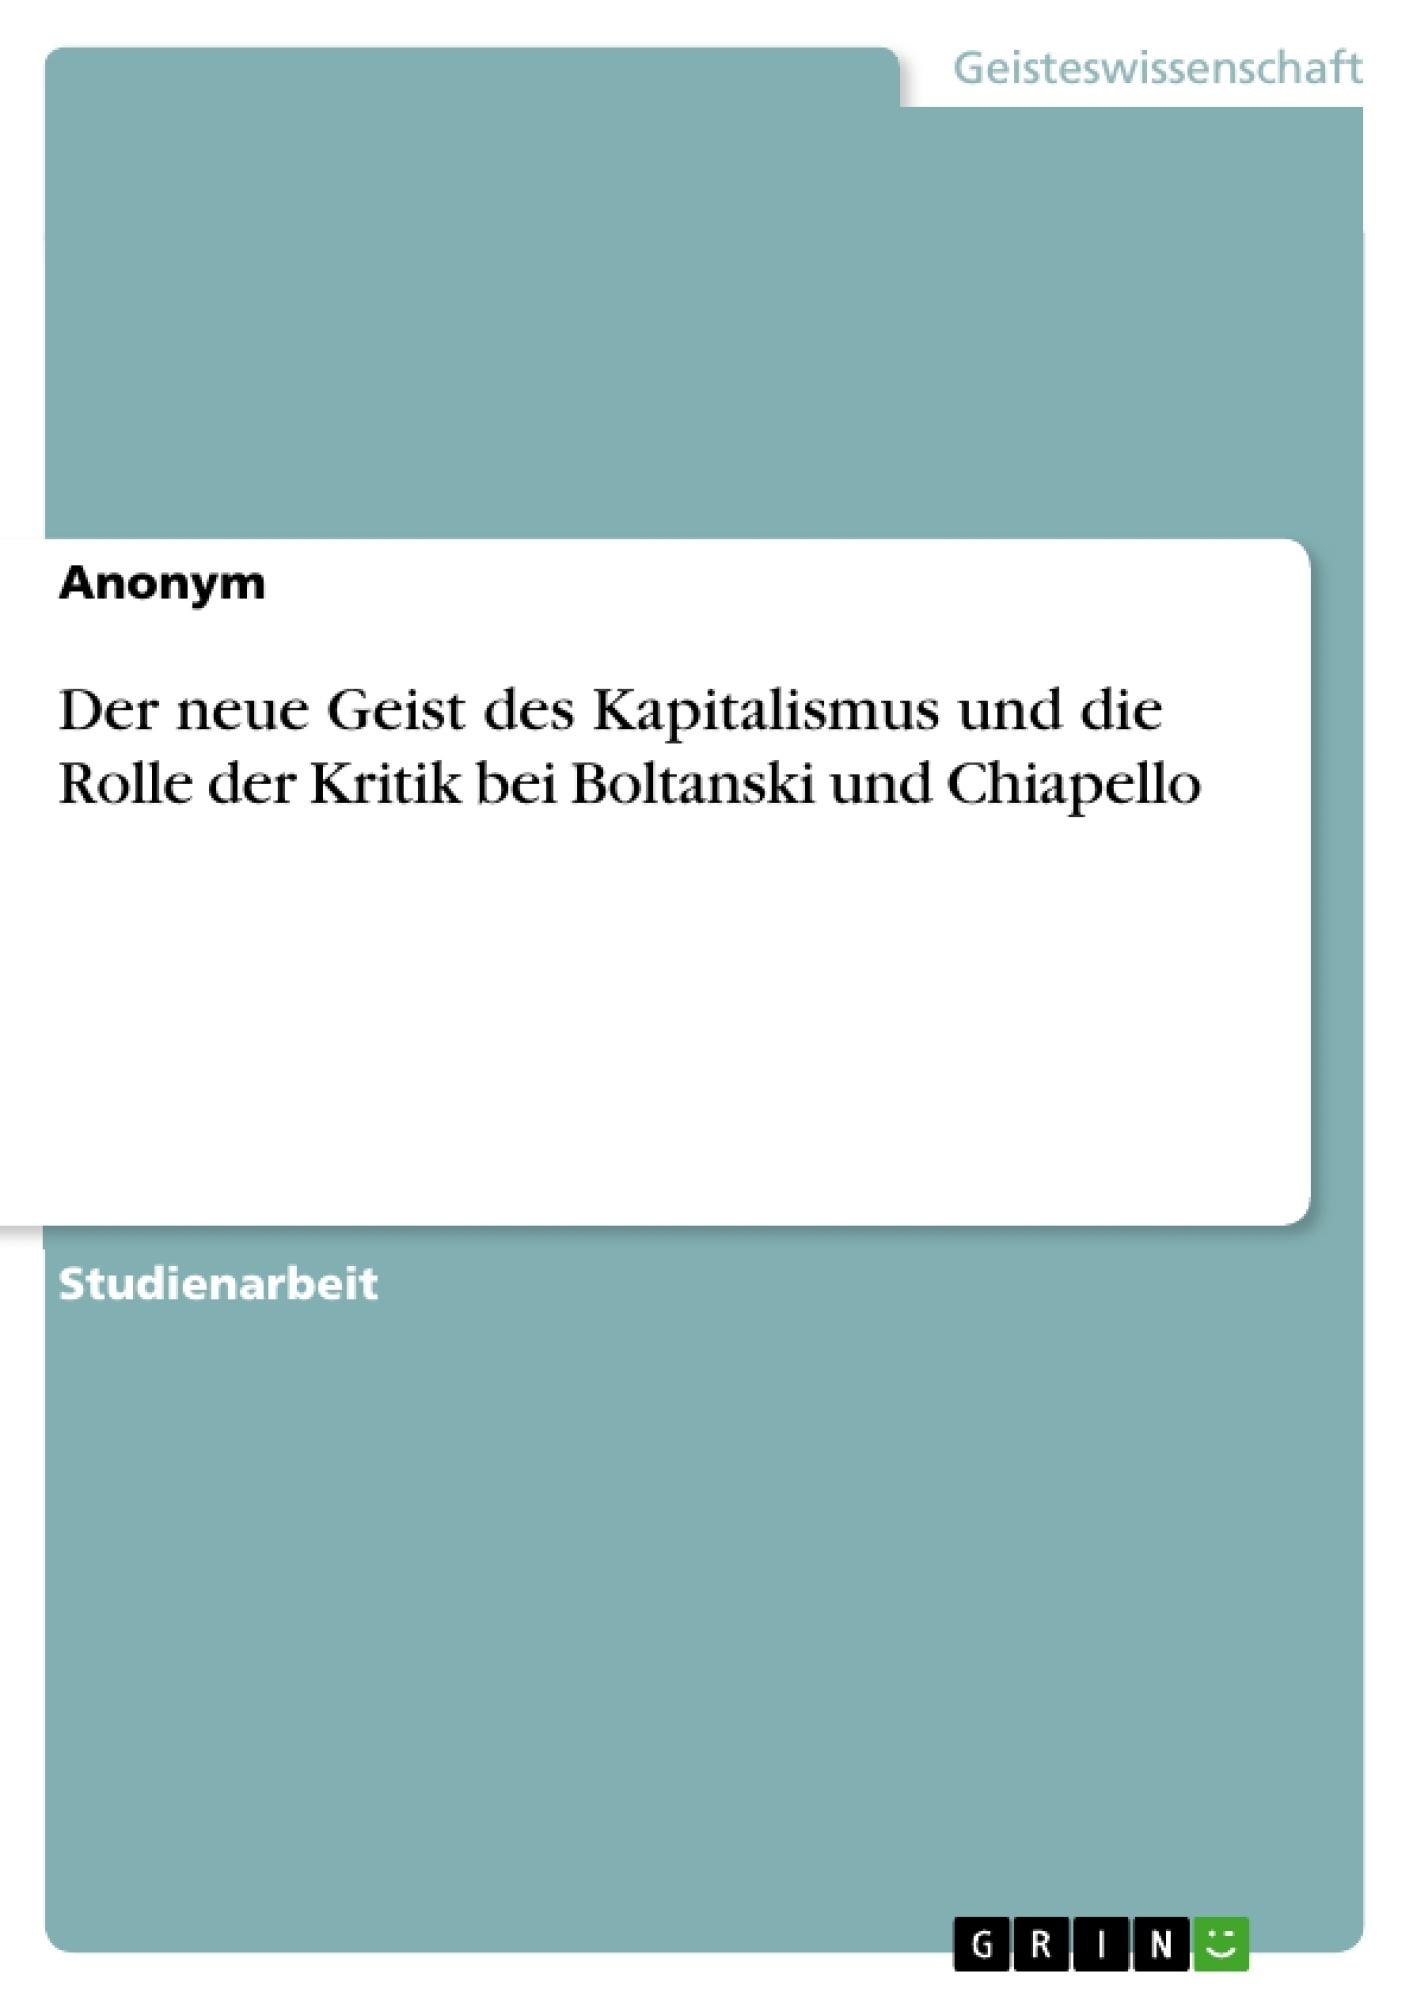 Titel: Der neue Geist des Kapitalismus und die Rolle der Kritik bei Boltanski und Chiapello